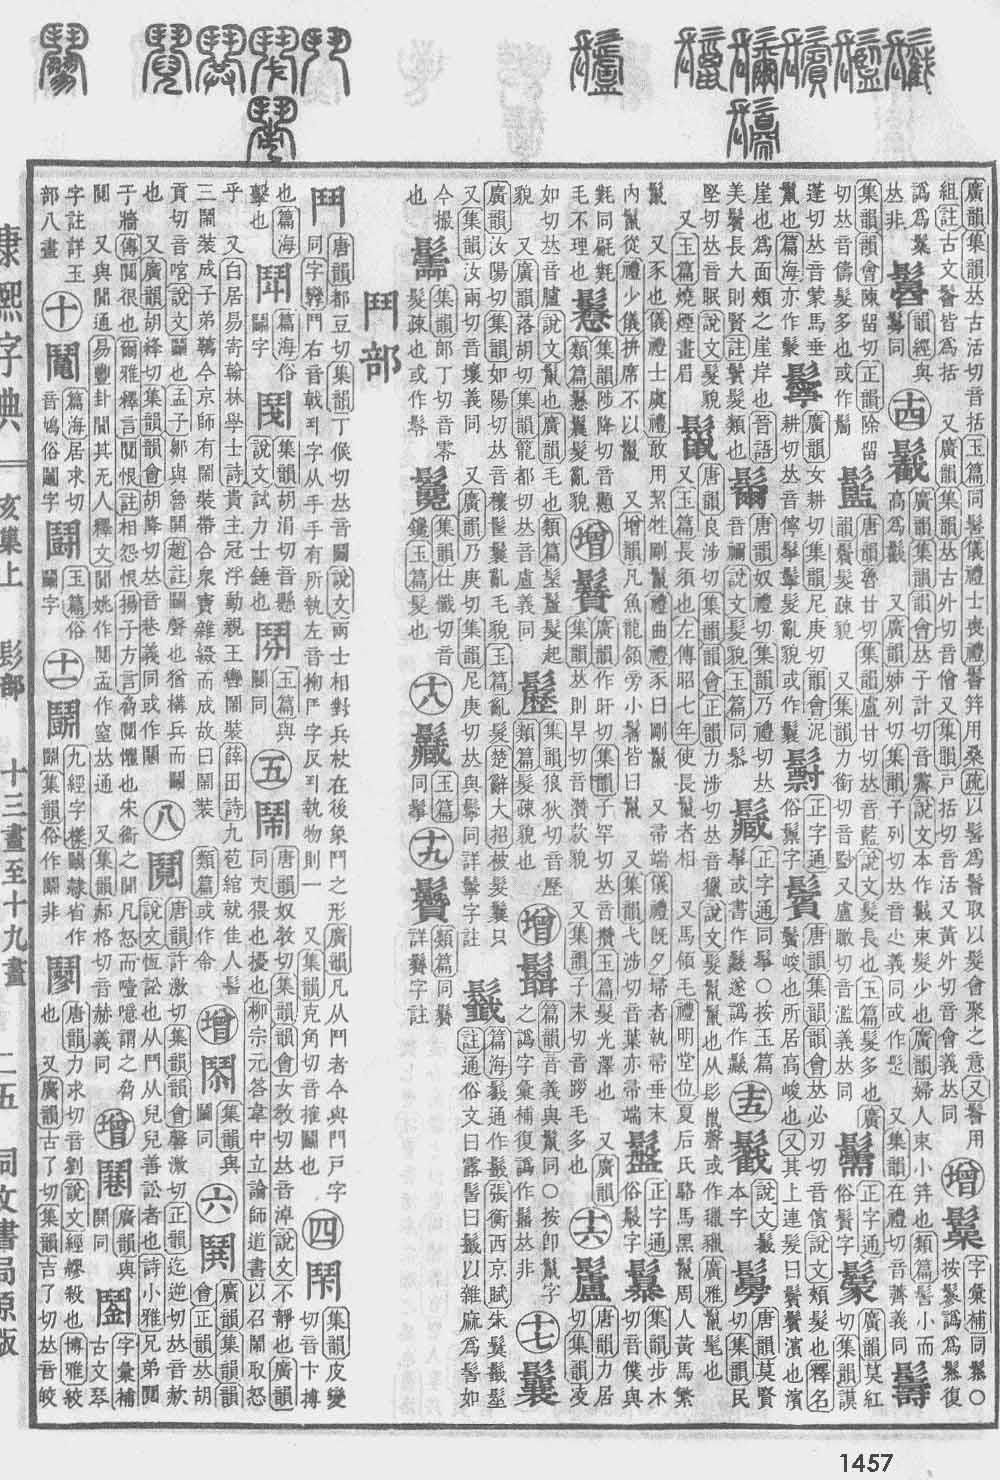 《康熙字典》第1457页